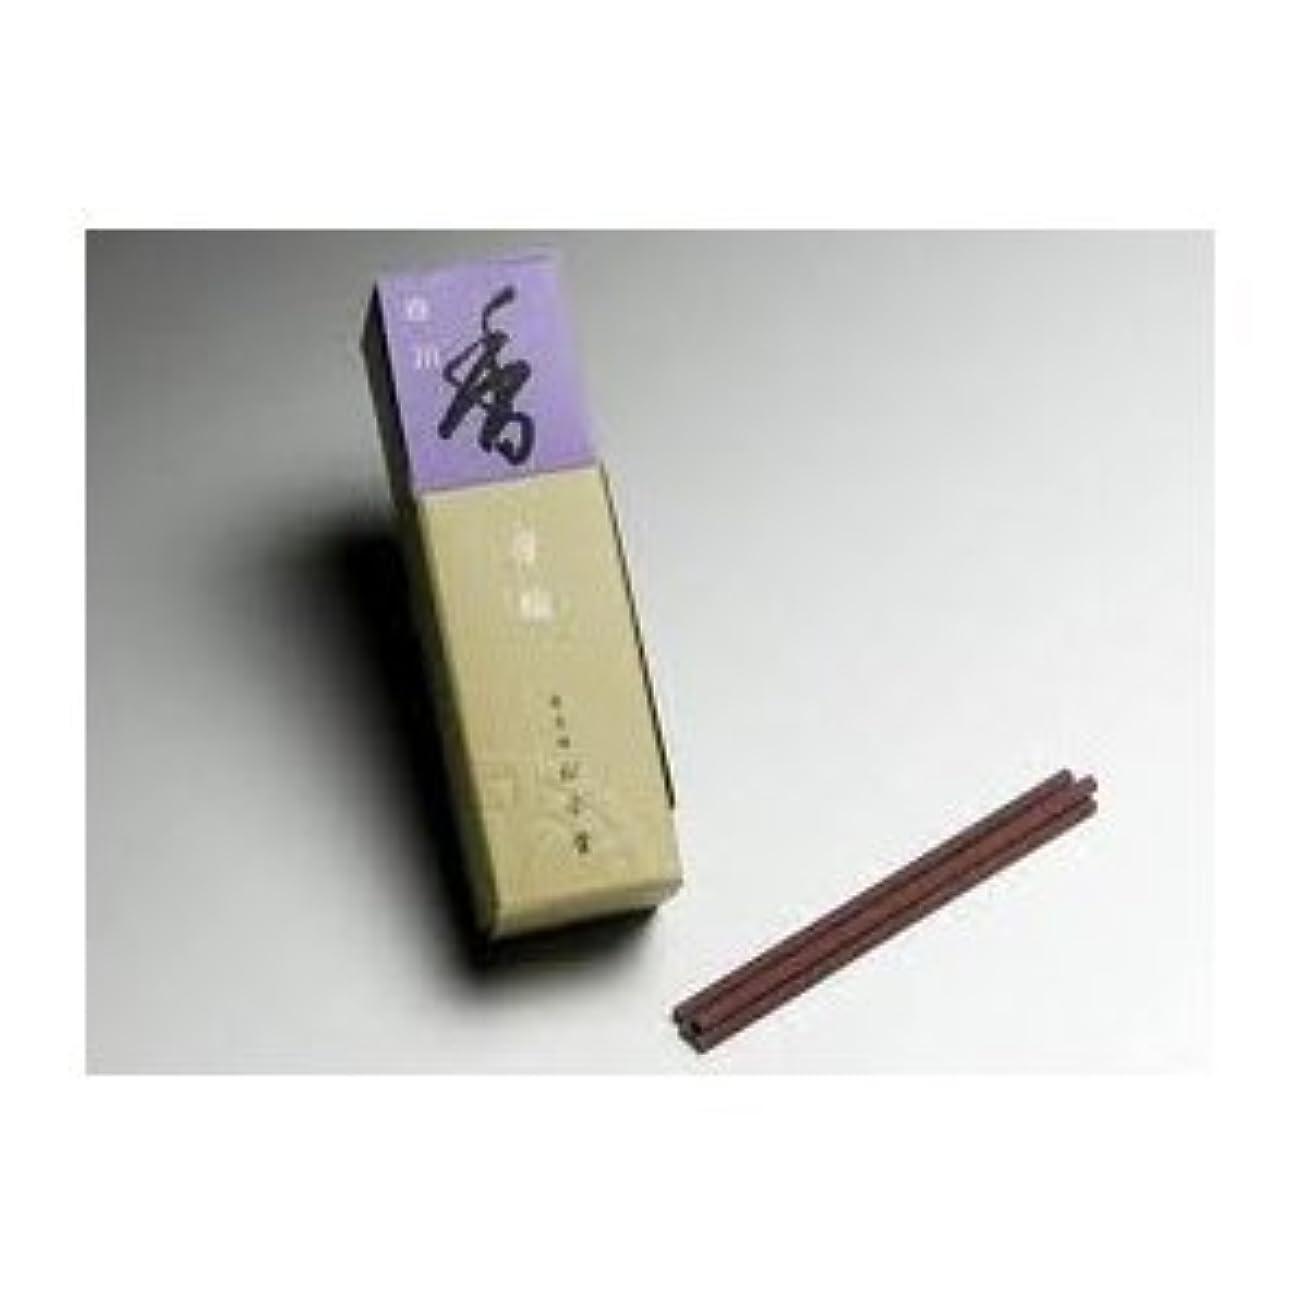 使い込むヶ月目電池松栄堂 芳輪 白川 スティック型 20本入